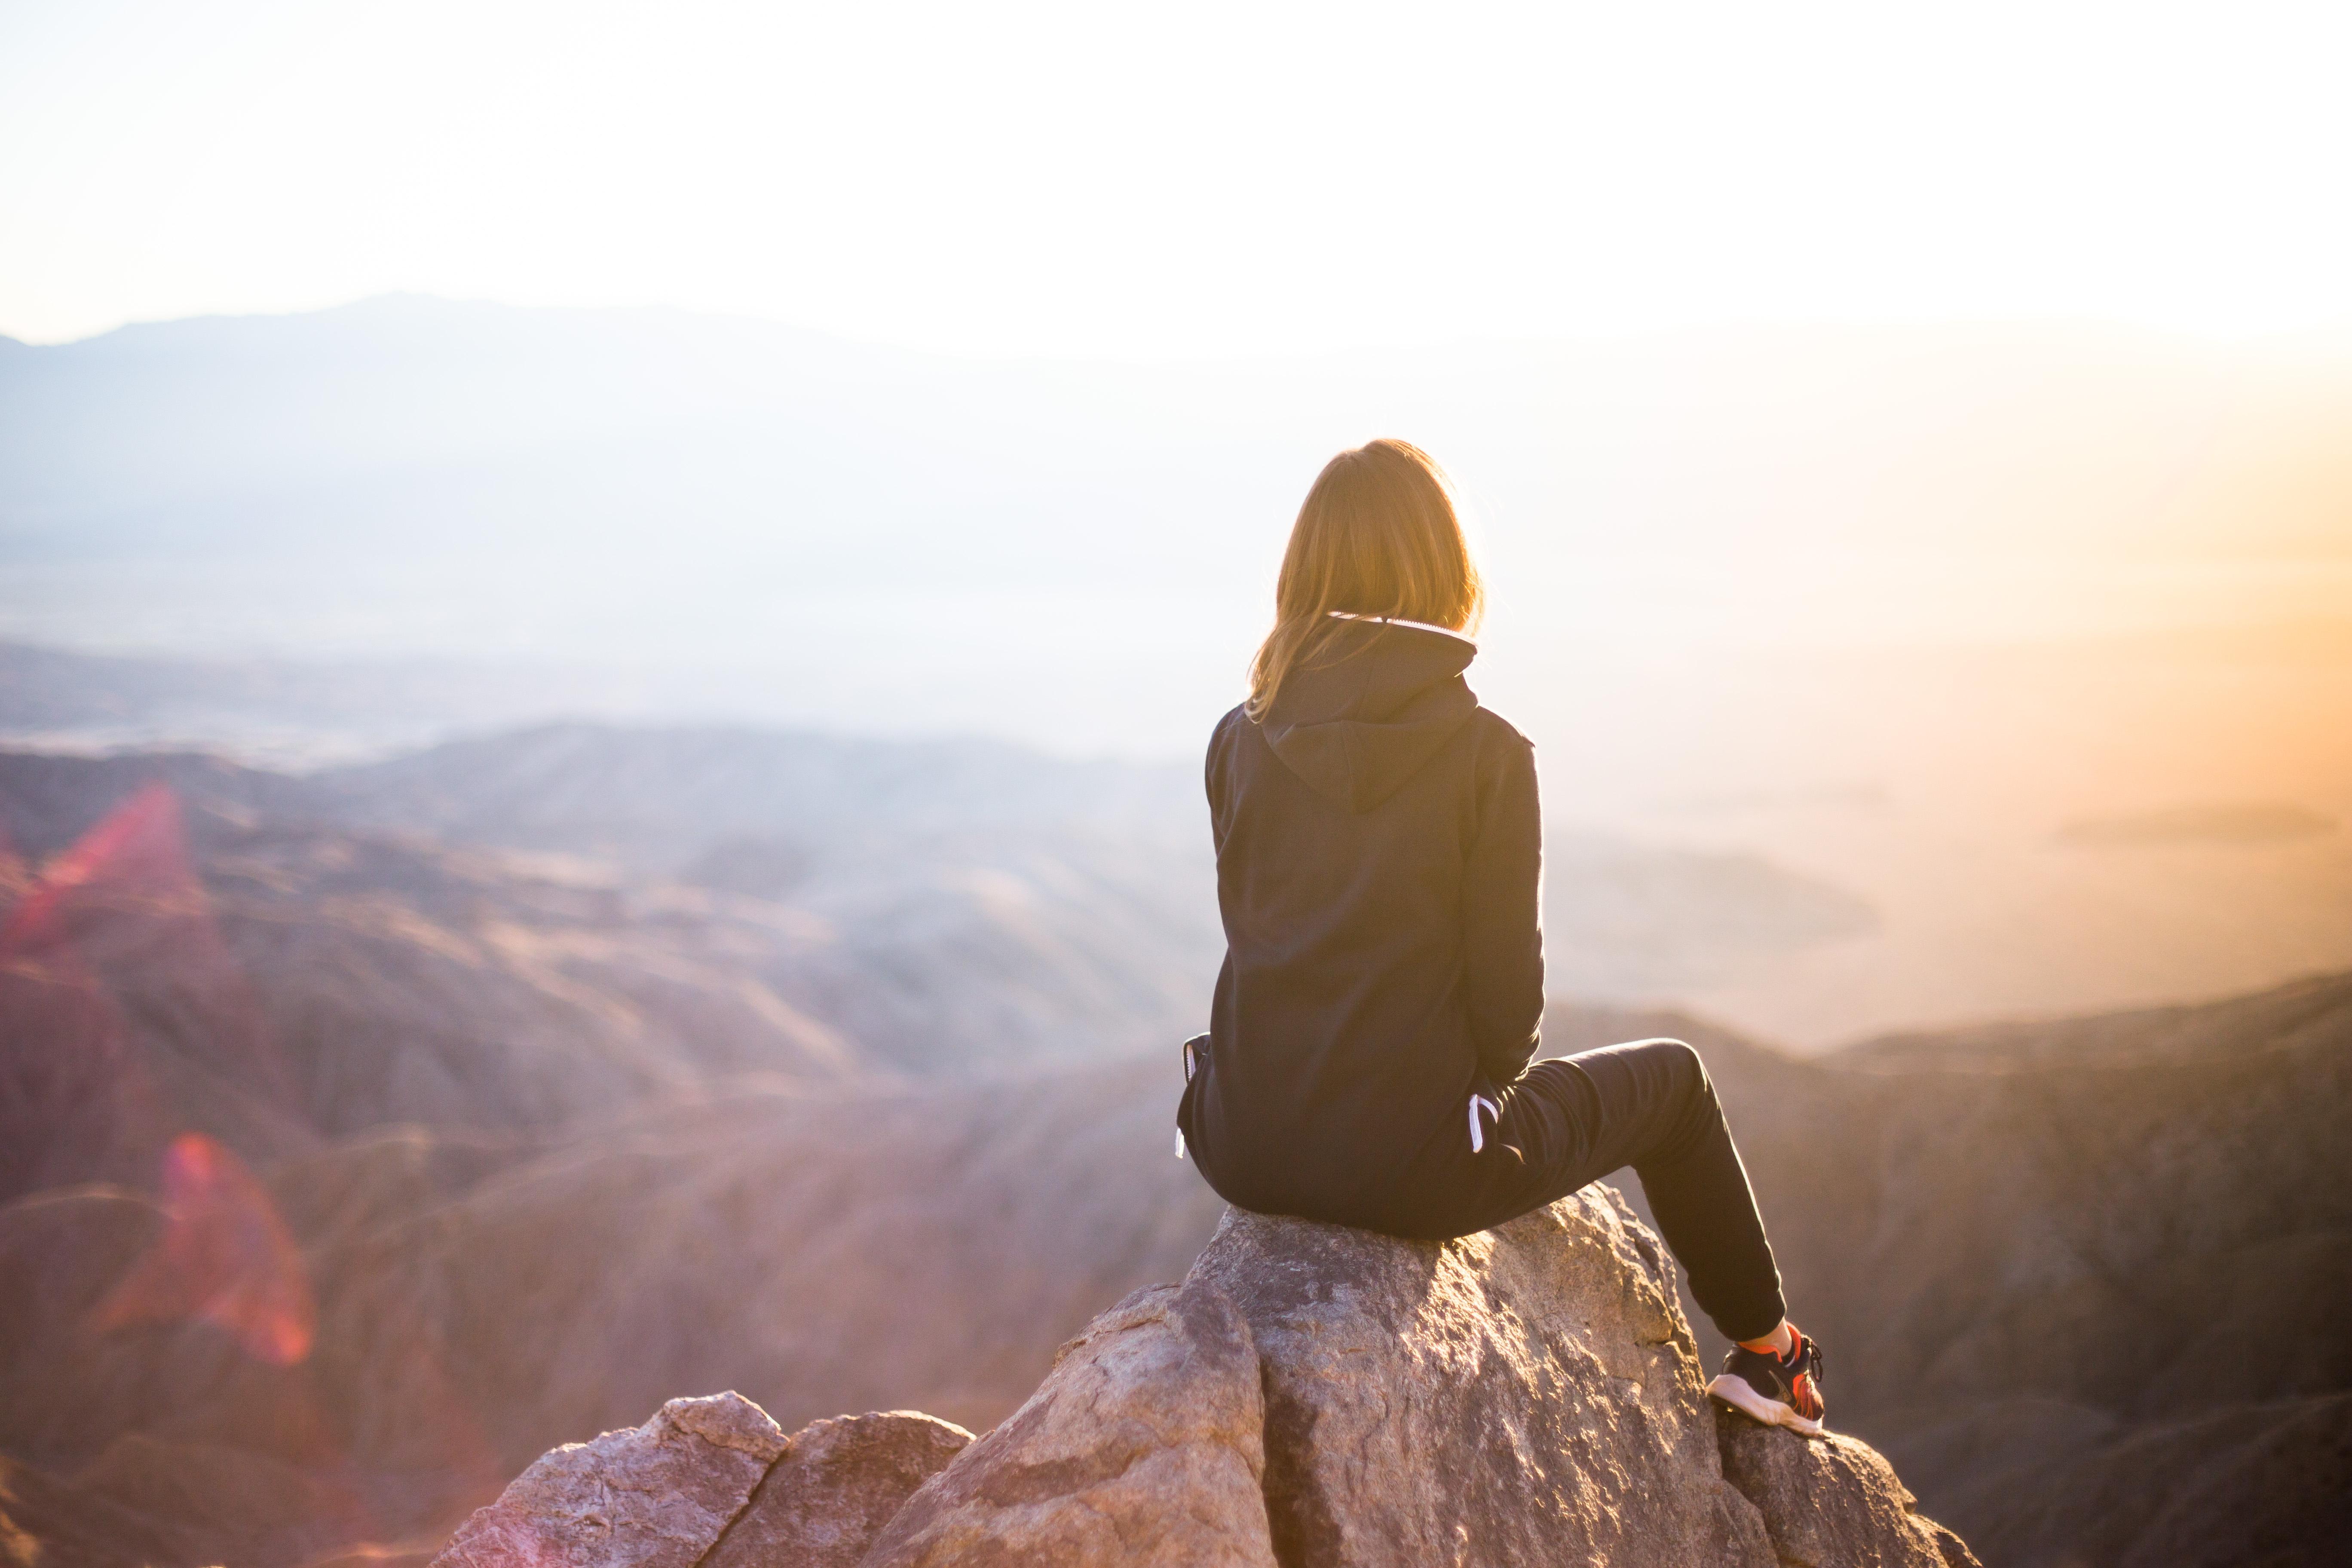 Hình Ảnh : Đá, Ánh Sáng Mặt Trời, Buổi Sáng, Cuộc Phiêu Lưu, Thể Thao Mạo  Hiểm, Hiện Tượng Khí Quyển, Địa Hình Đồi Núi 5472x3648